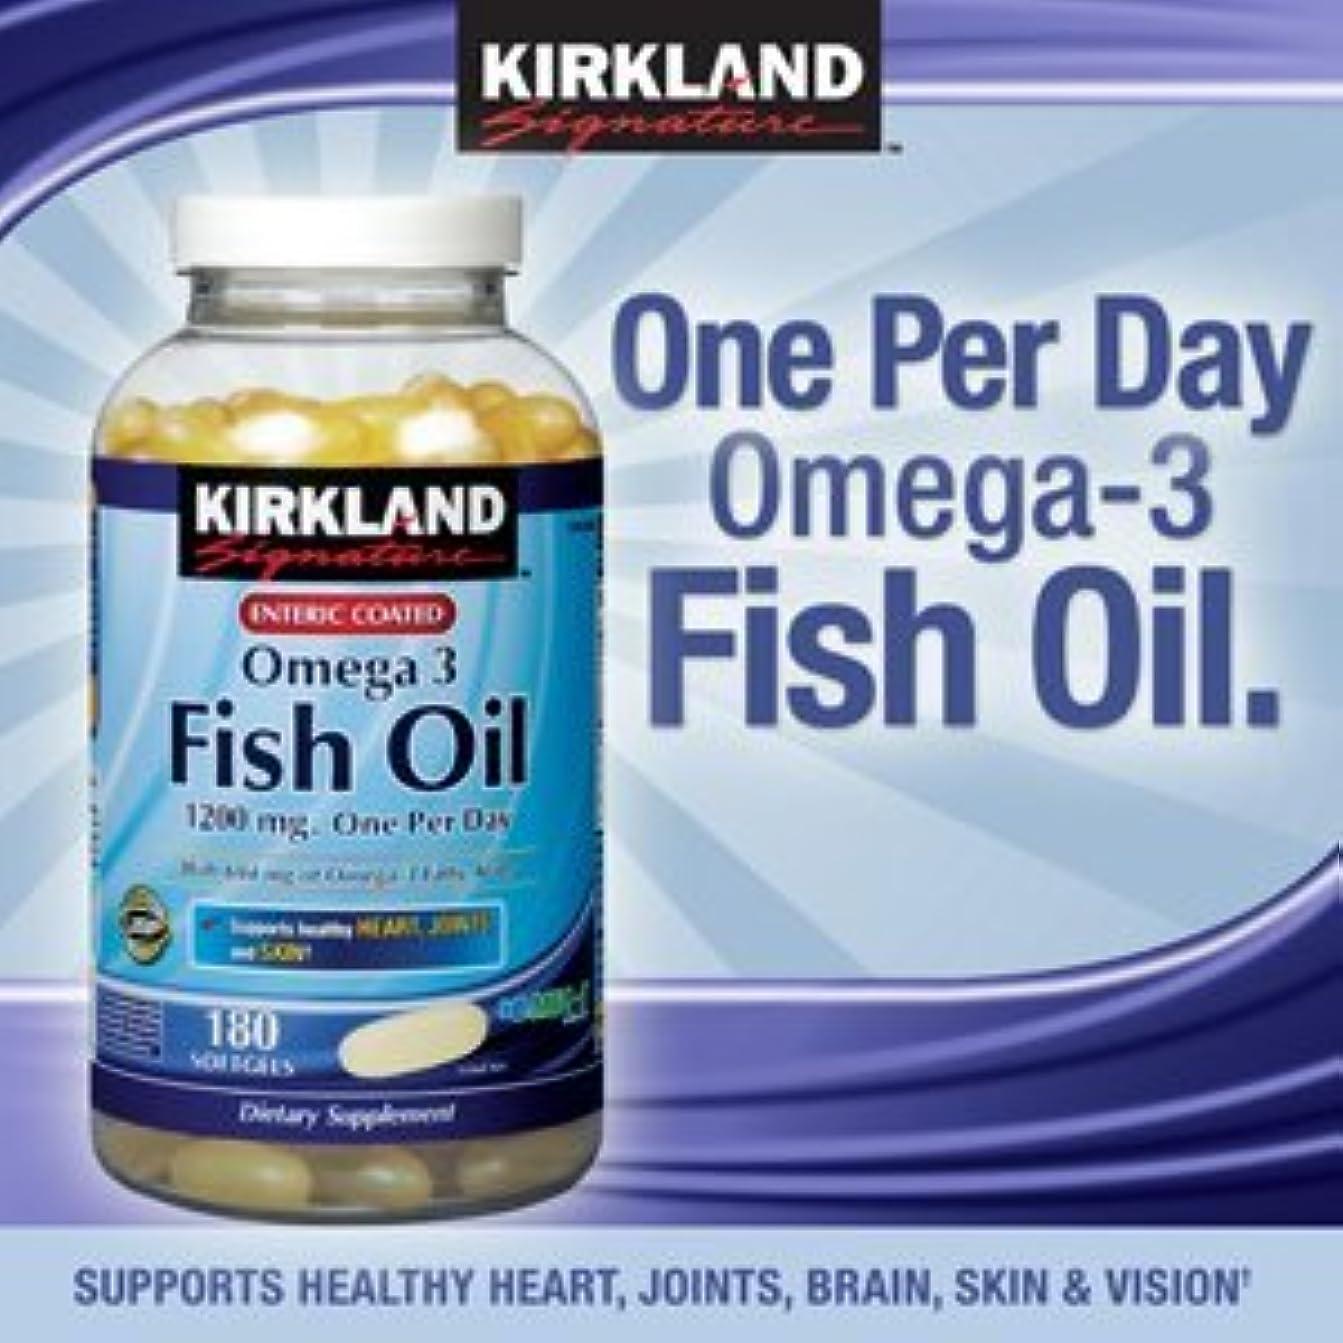 与えるミント美徳カークランド フィッシュオイル オメガ3 コンセントレイト 1200 mg 180ソフトカプセル 海外直送品